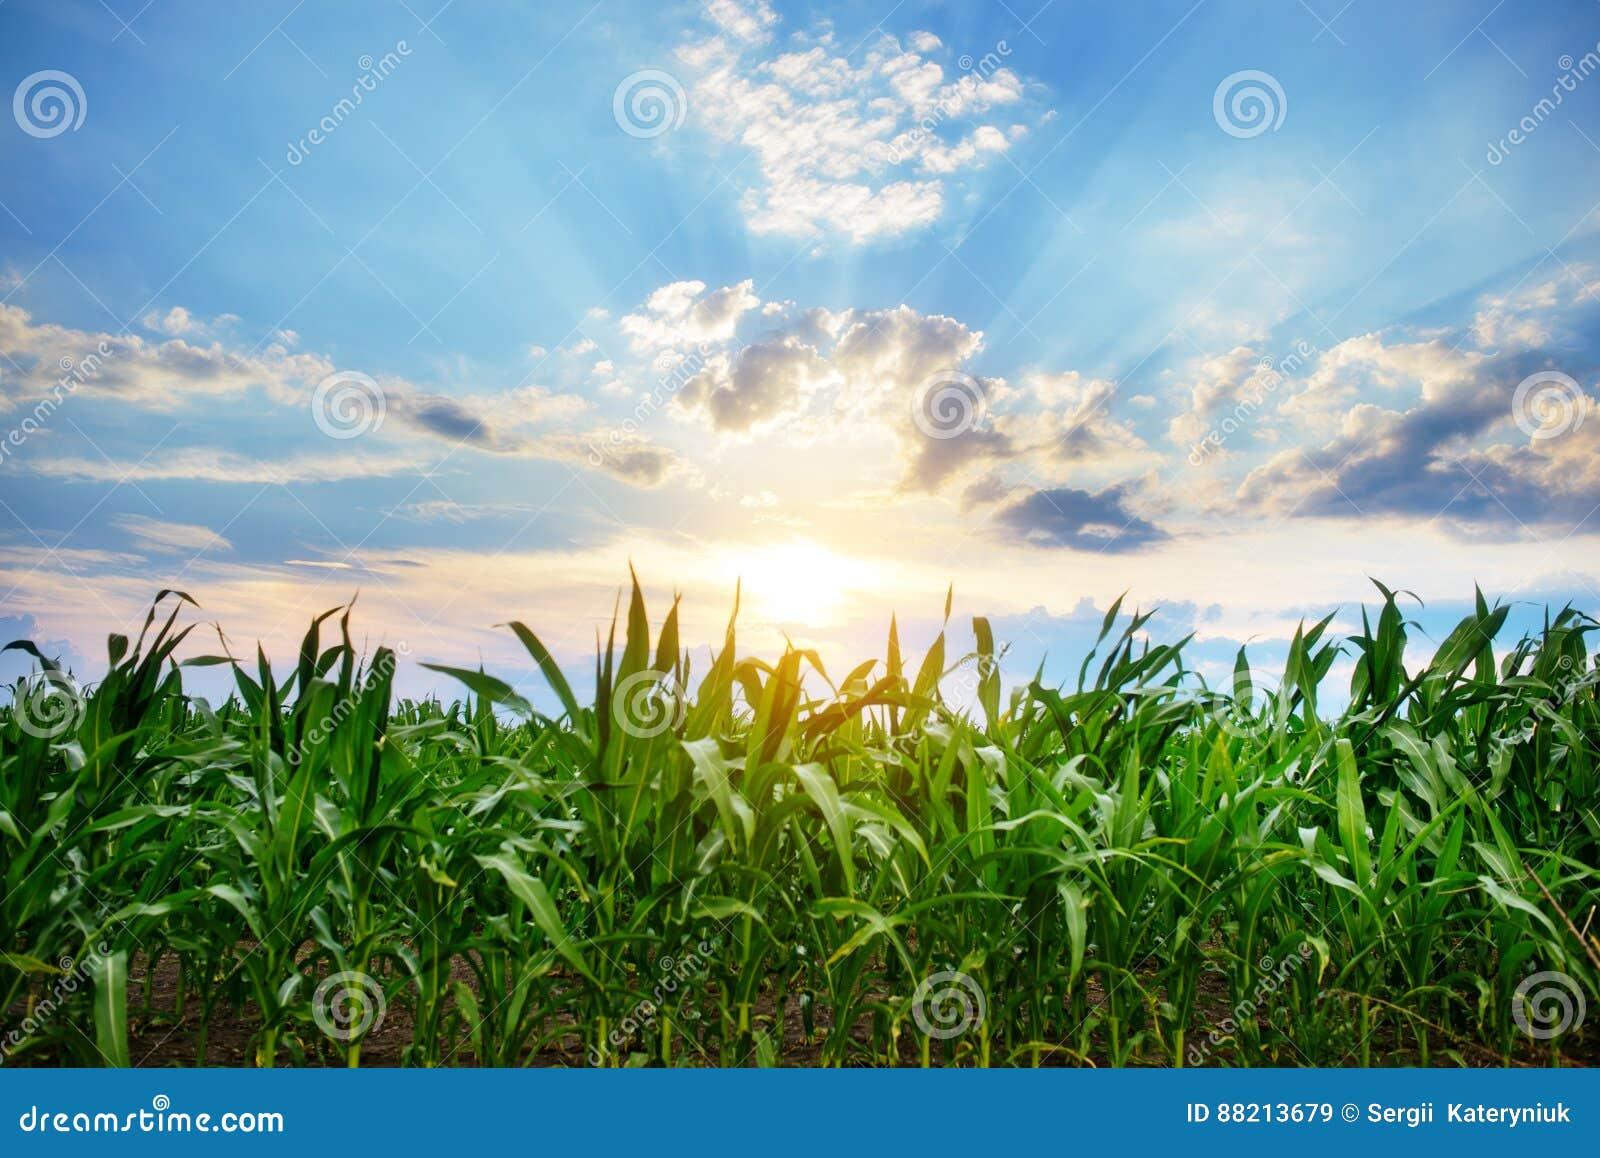 Zielony kukurydzany pole, niebieskie niebo i słońce na letnim dniu,